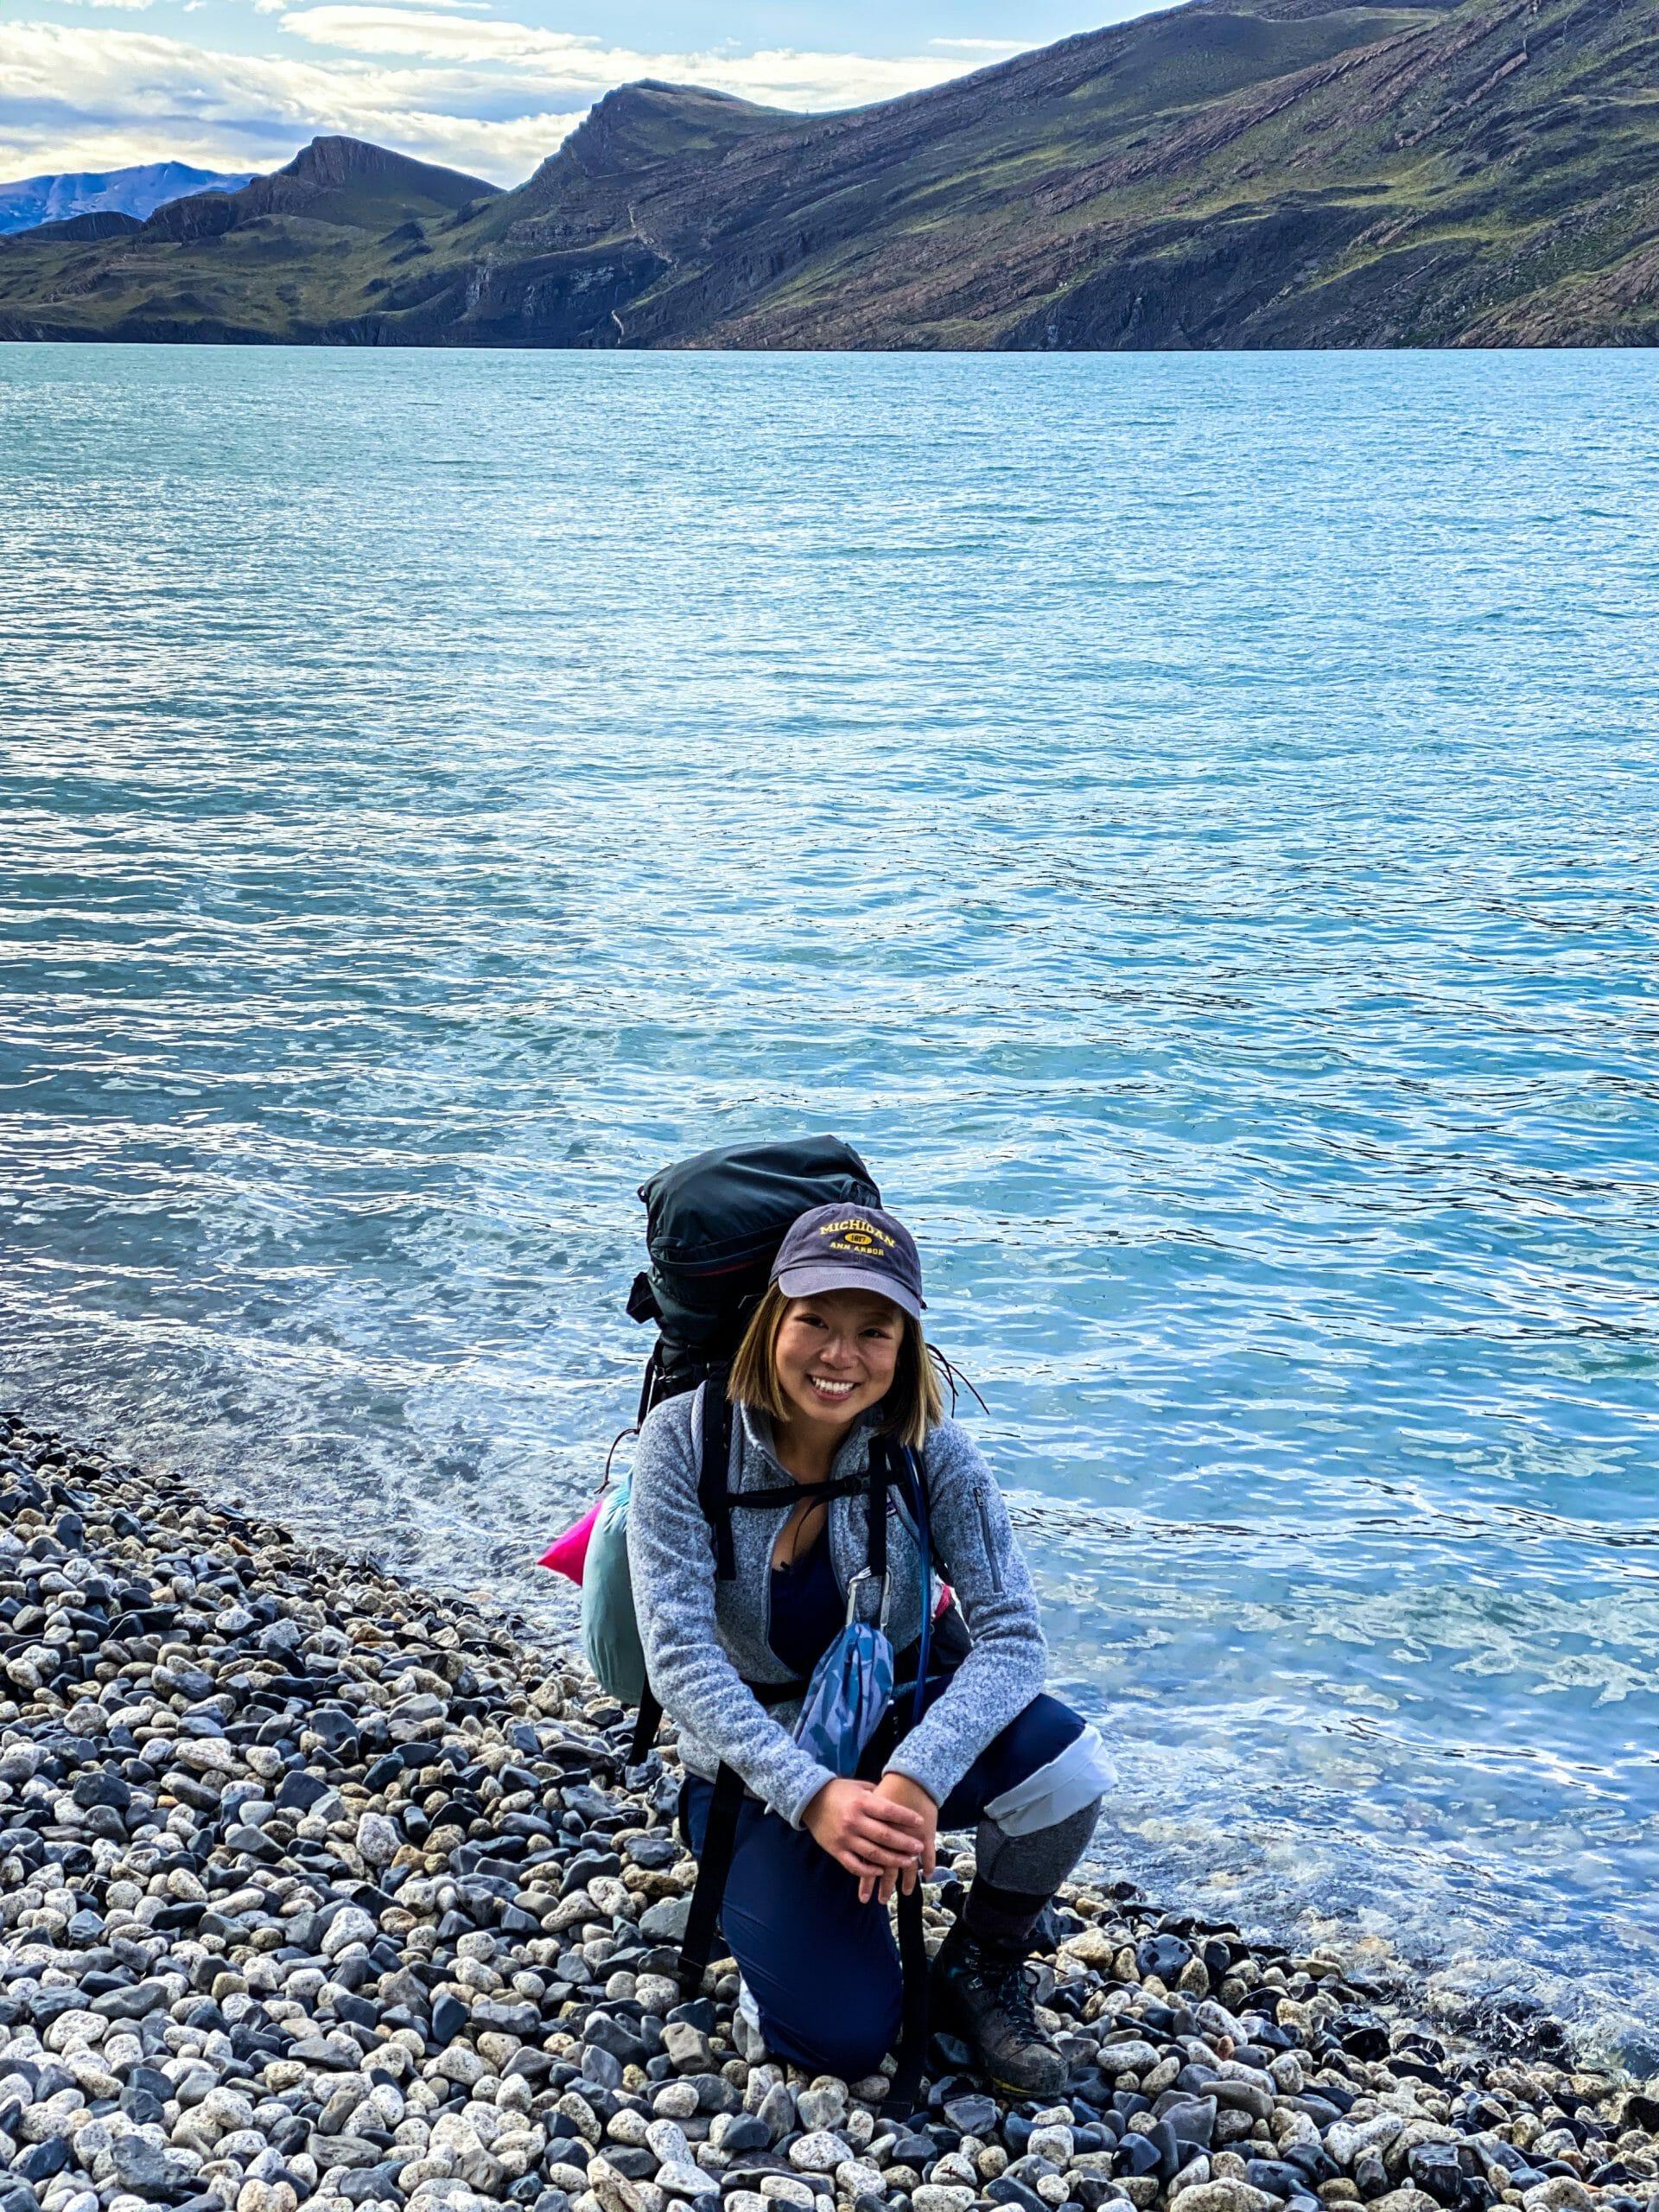 Lake Nordernskjold